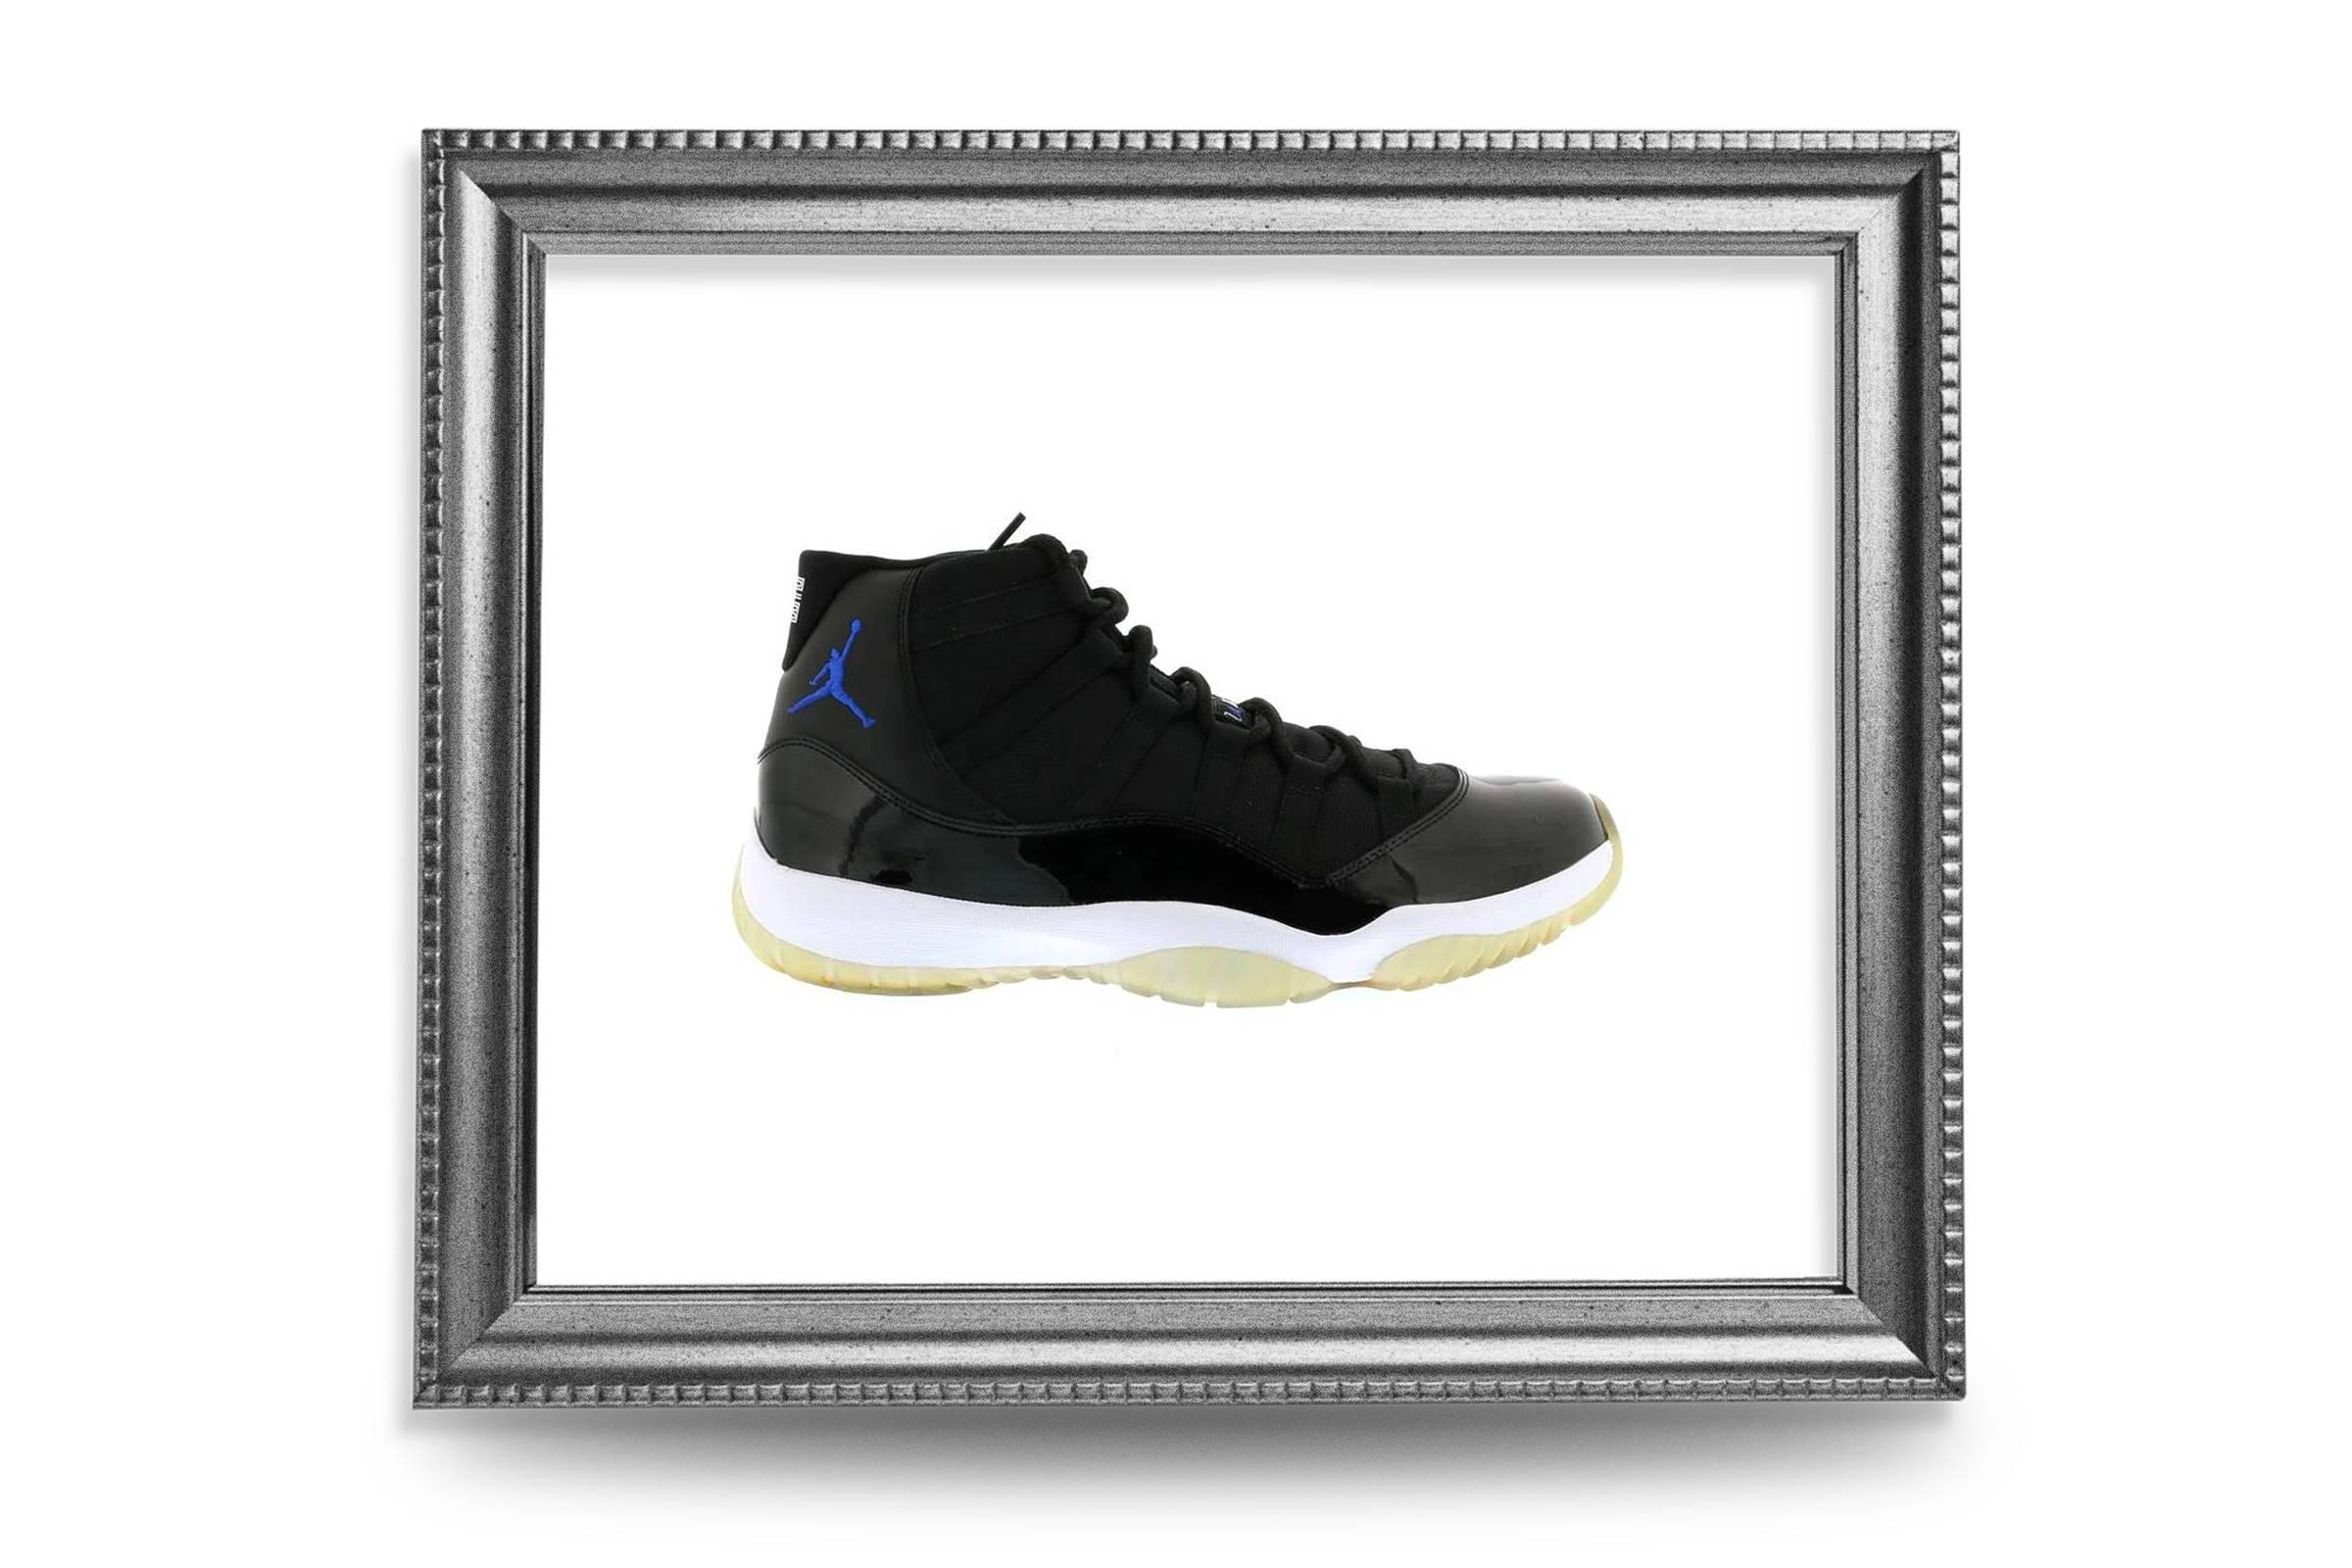 Sneaker Stories: Week of August 23, 2020